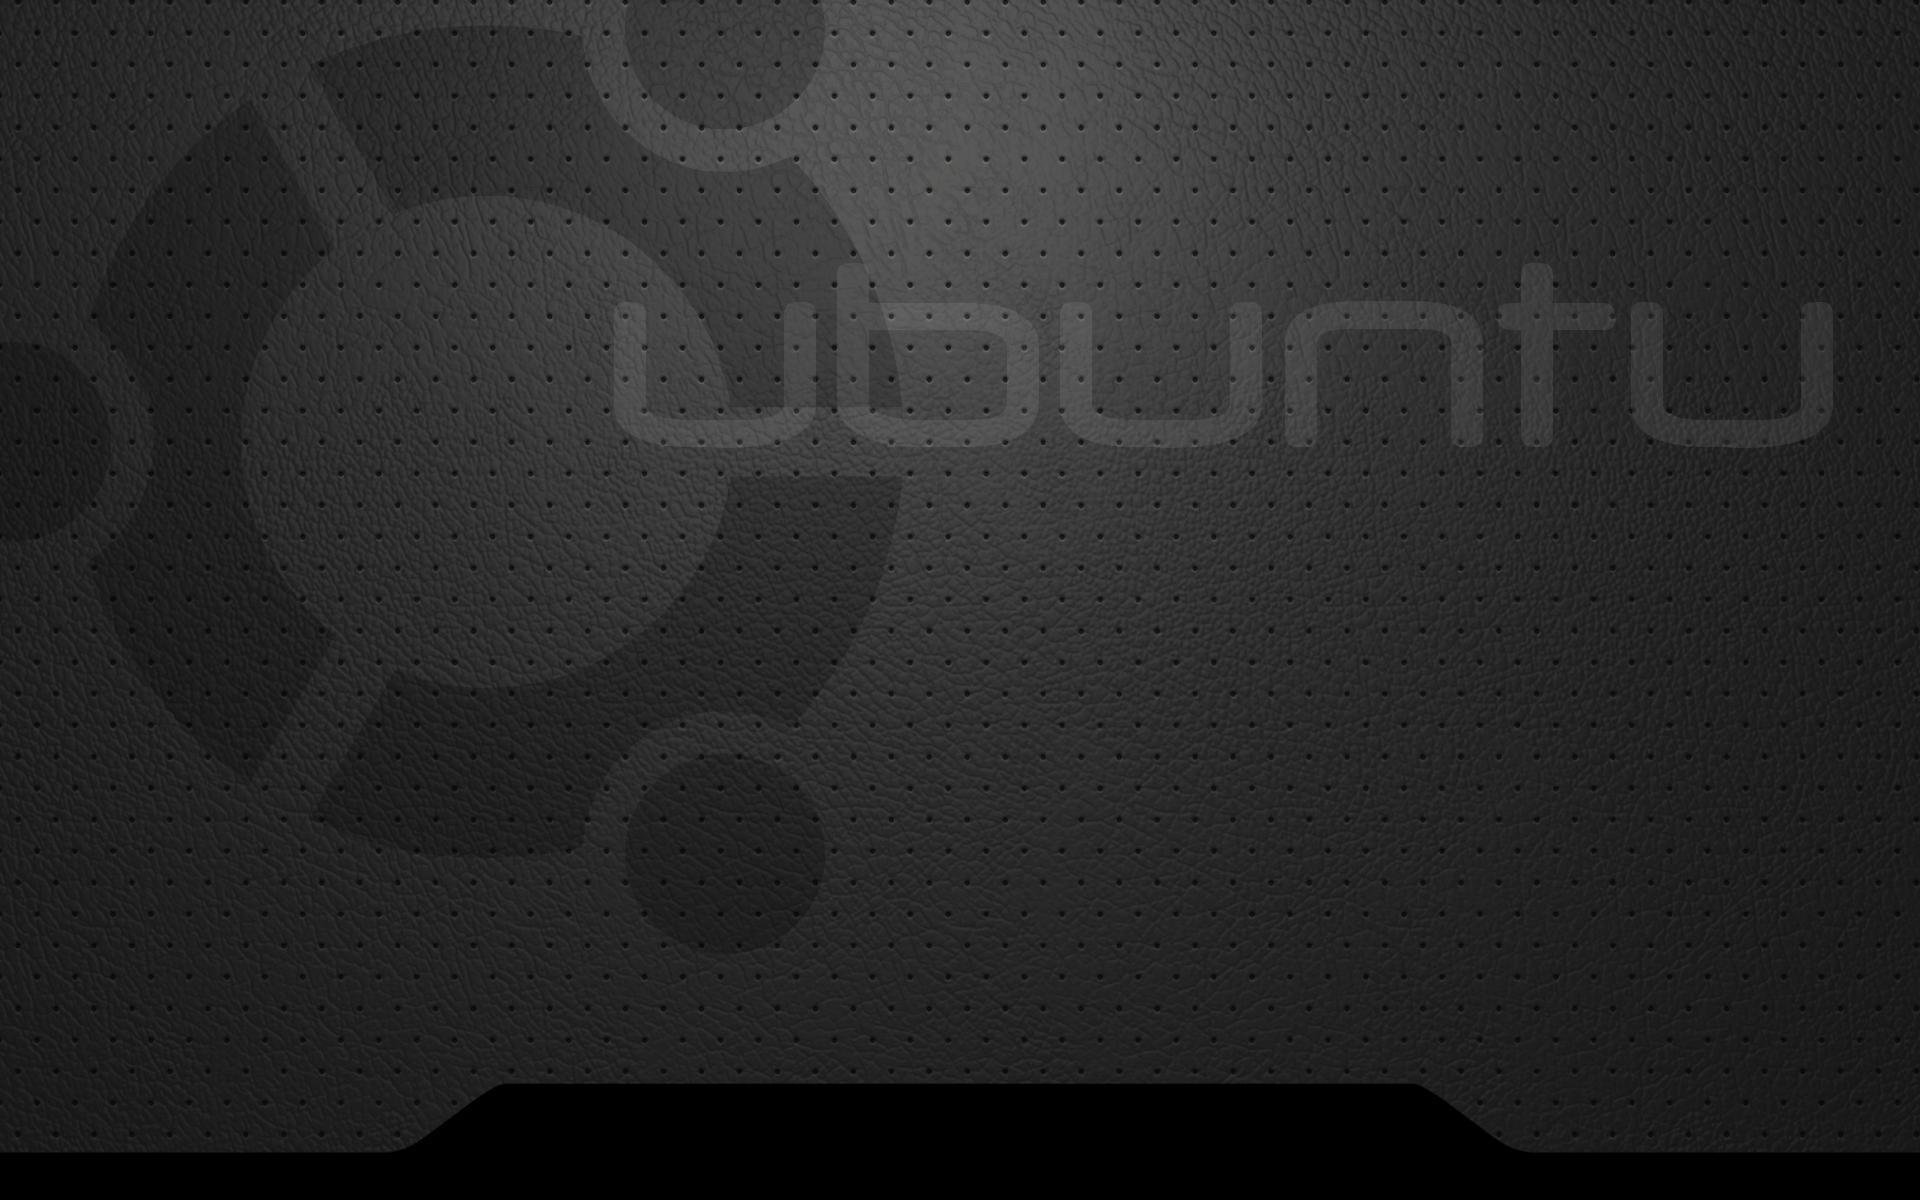 Dark Ubuntu Wallpapers Wallpaper Cave